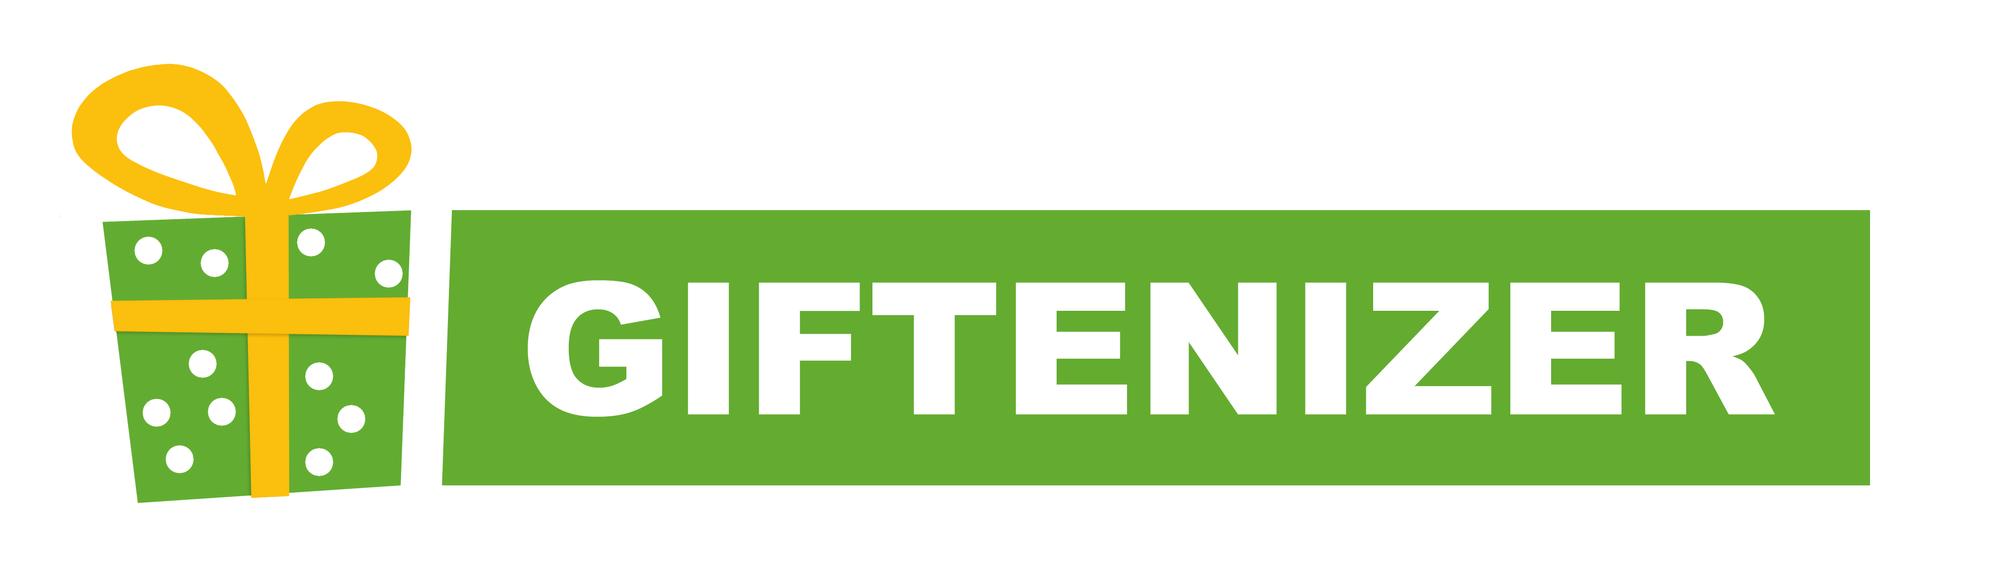 Giftnizer logo